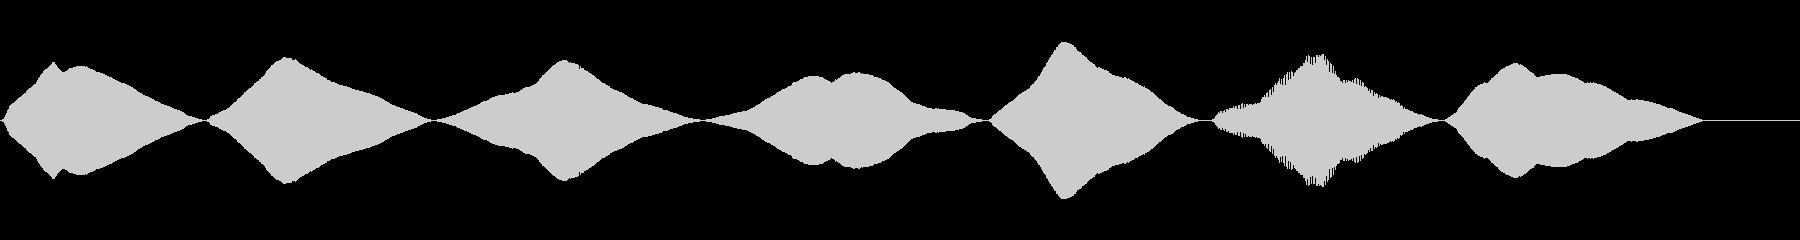 ランブル、バズの未再生の波形